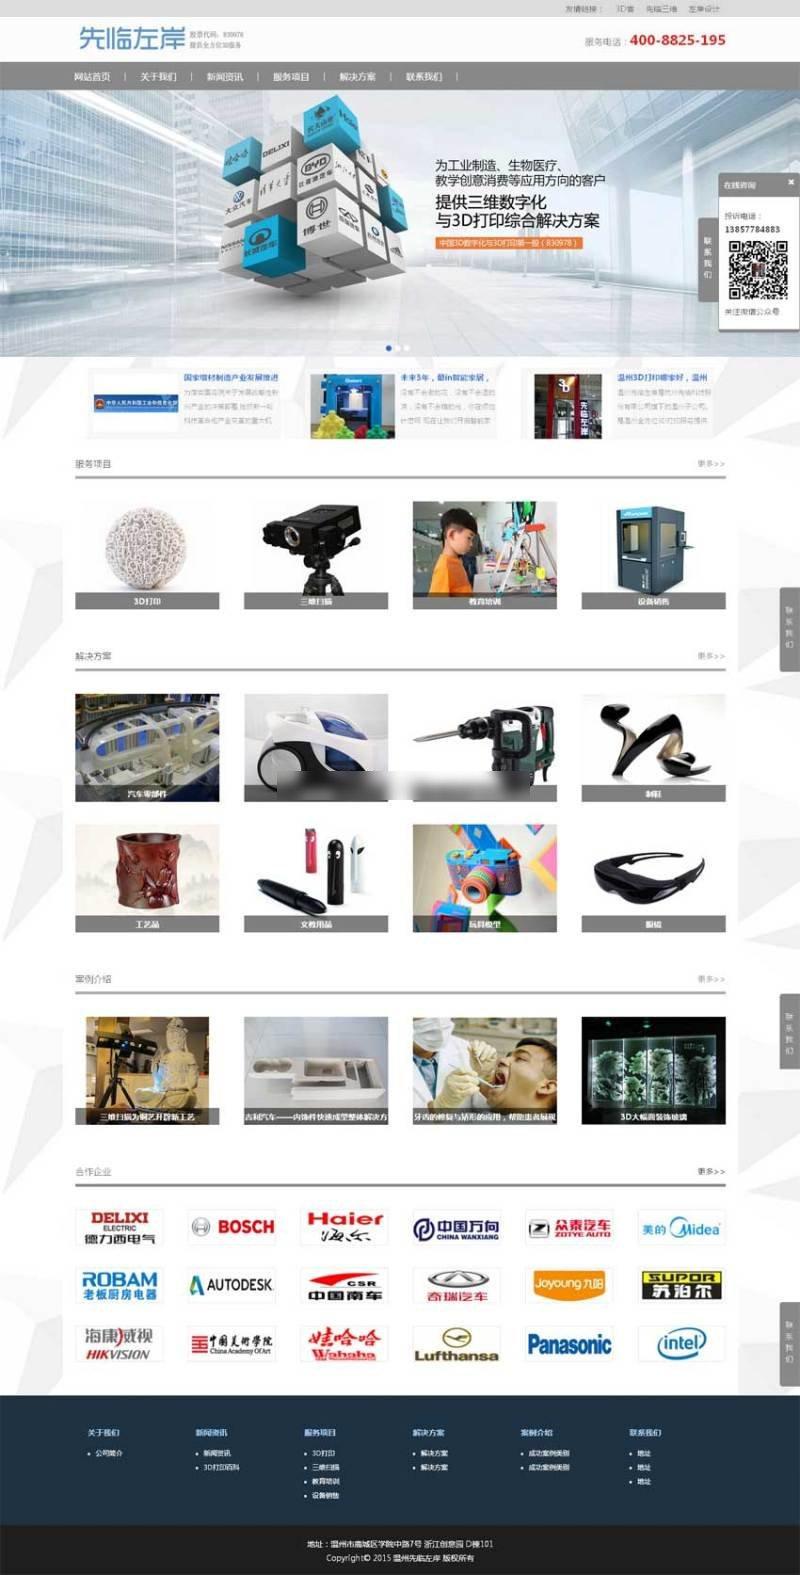 灰色宽屏3D打印设备公司网站模板下载